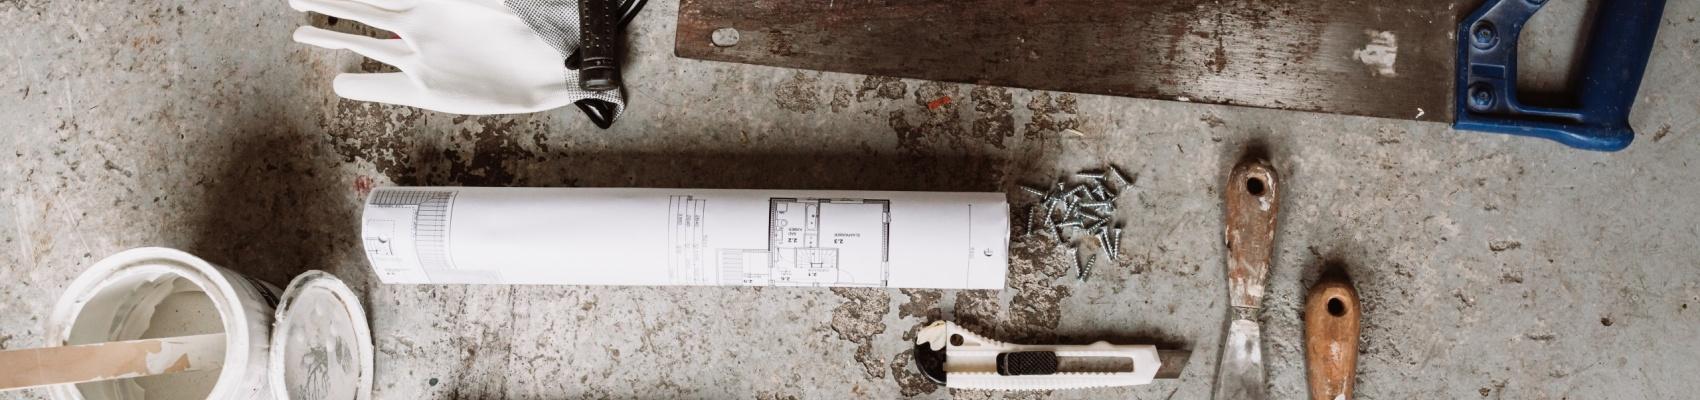 Potuyt (ver)bouw & renovatie - Renovatie